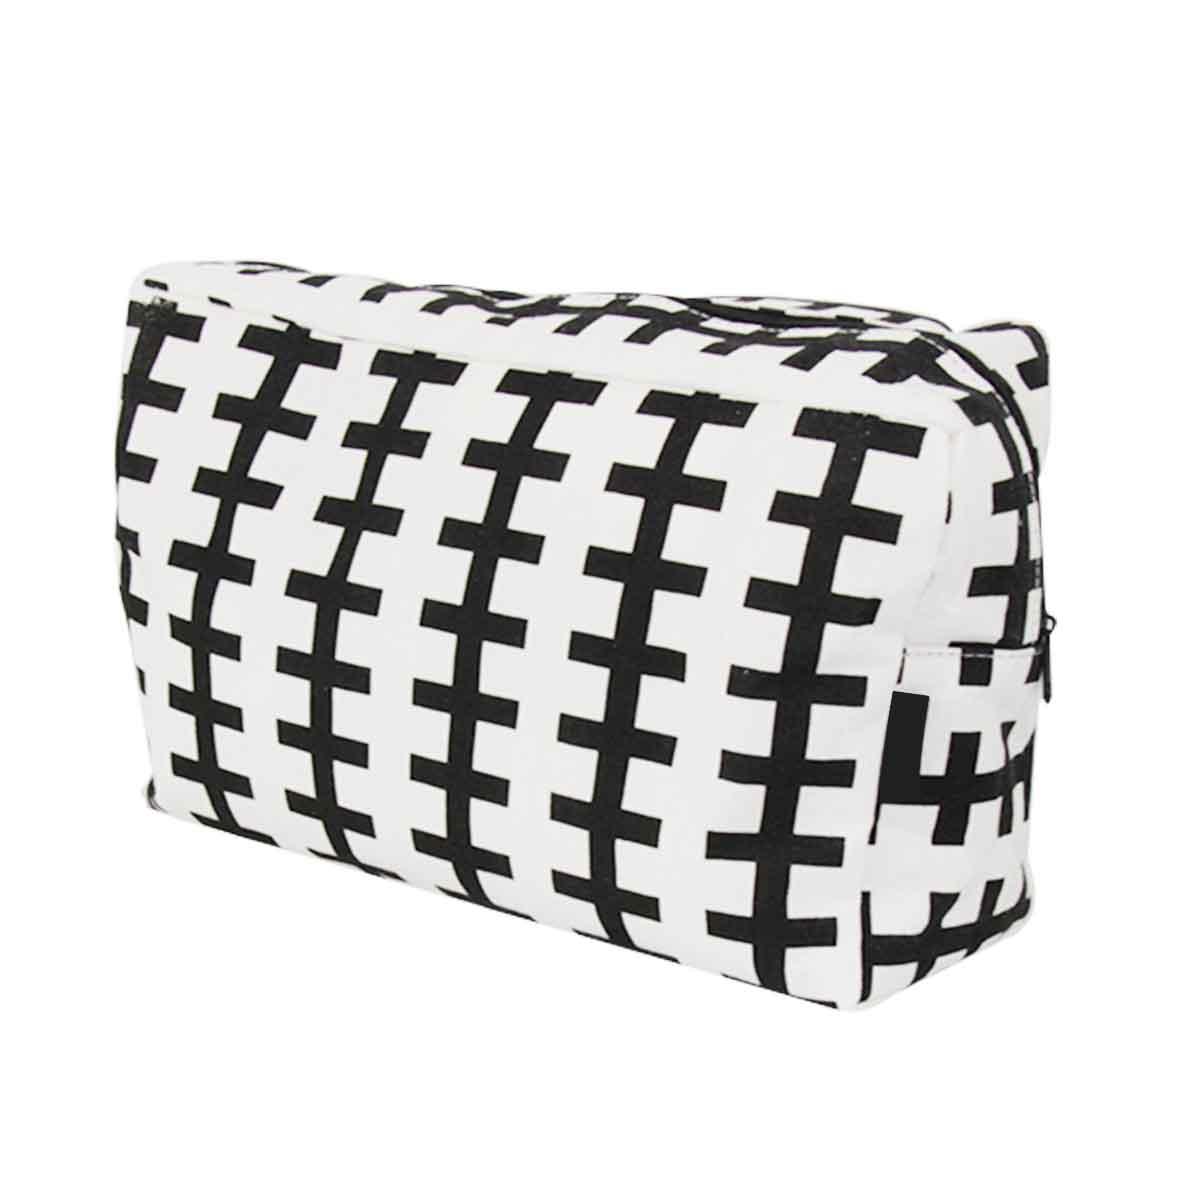 pochette de toilette rectangulaire en tissu à motifs noirs et blanc